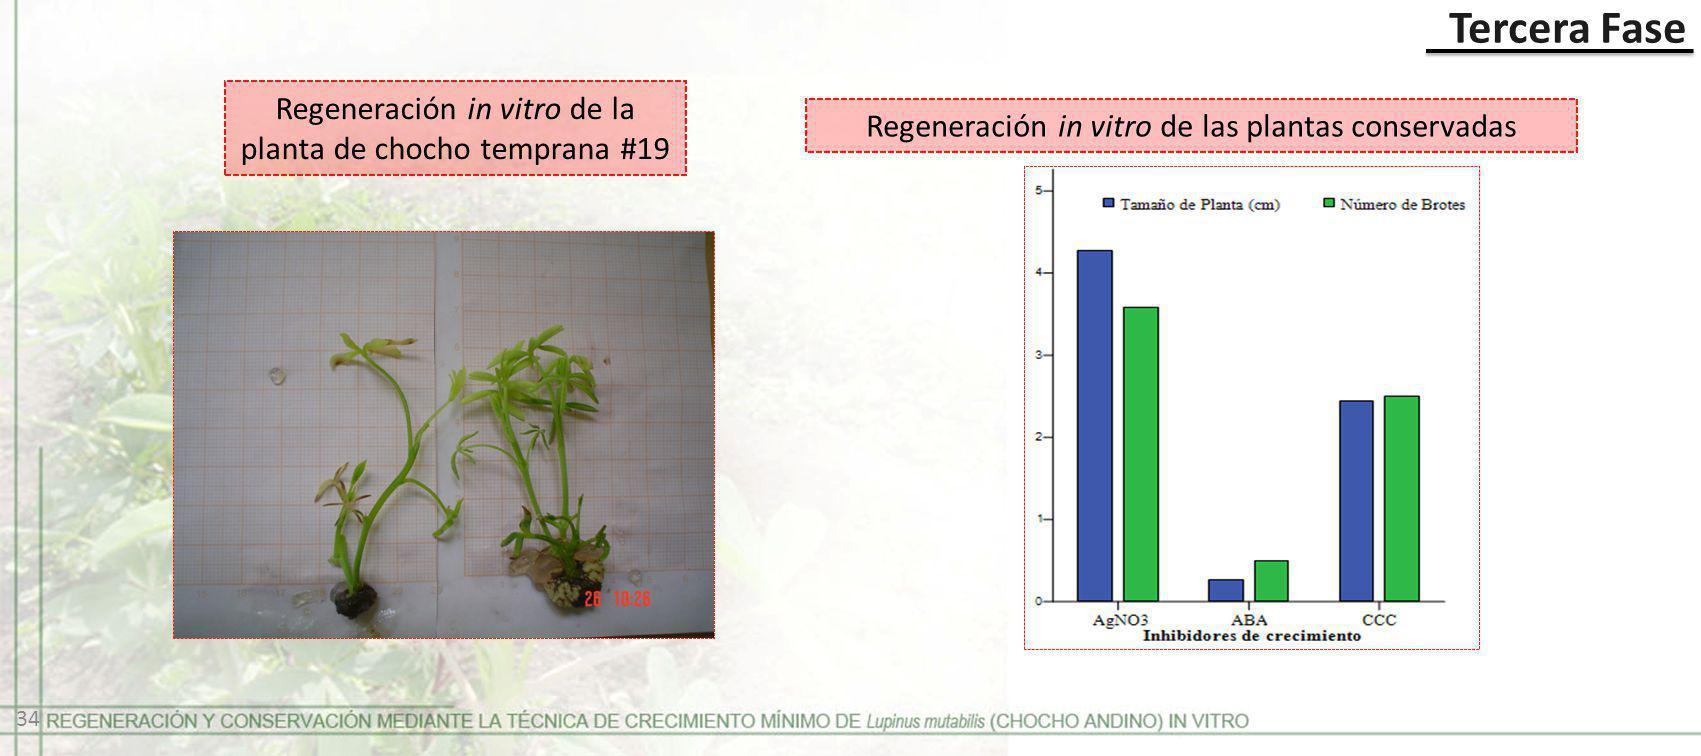 Regeneración in vitro de la planta de chocho temprana #19